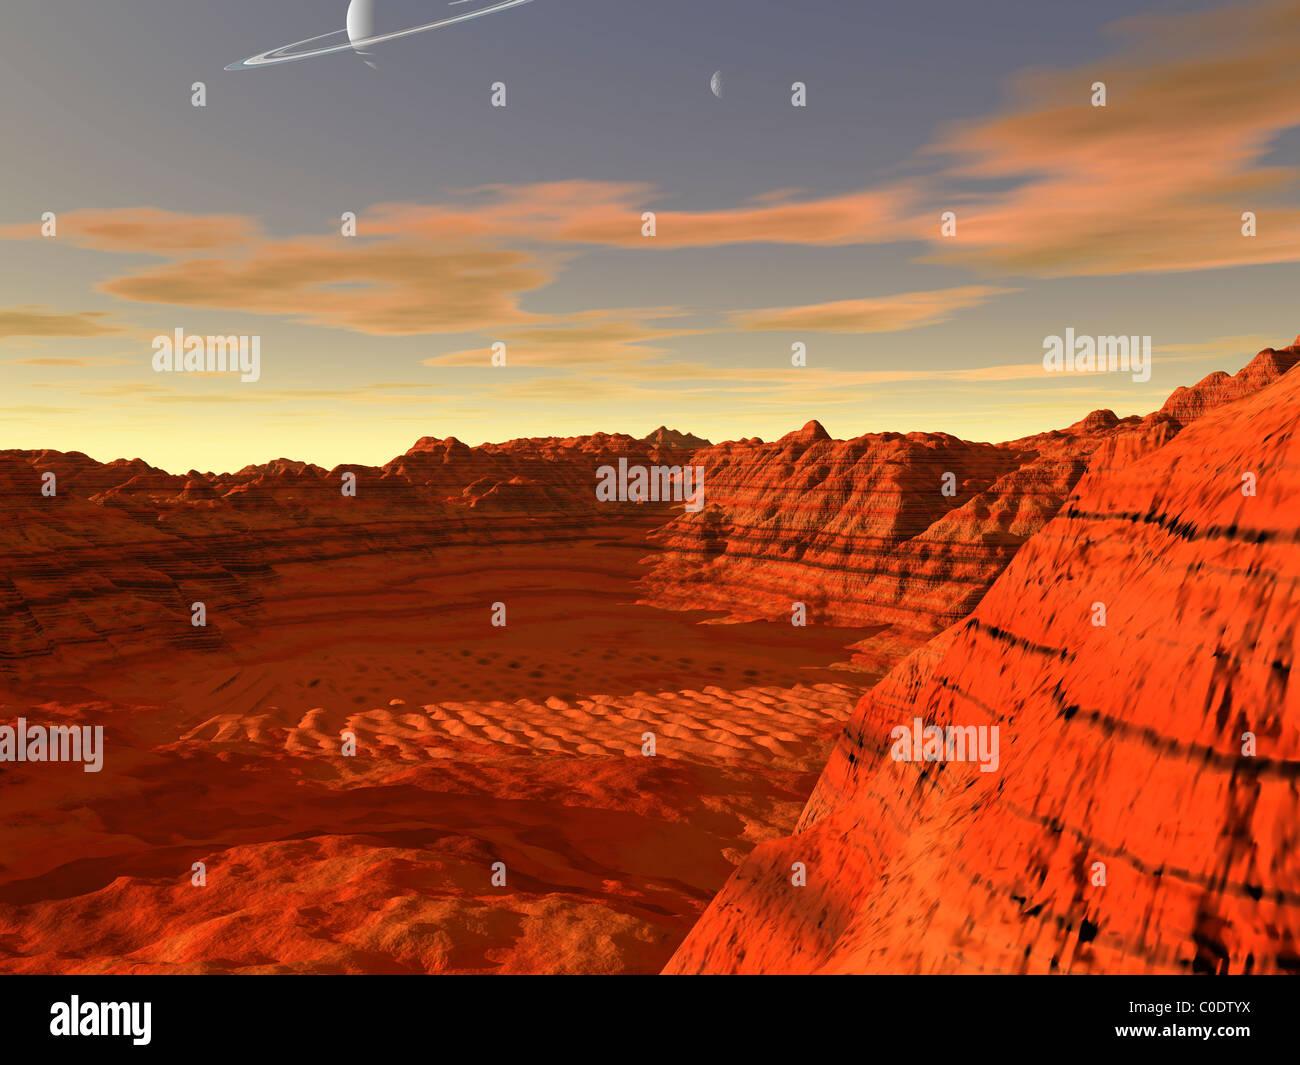 Concept de l'artiste d'une planète terre-like. Photo Stock